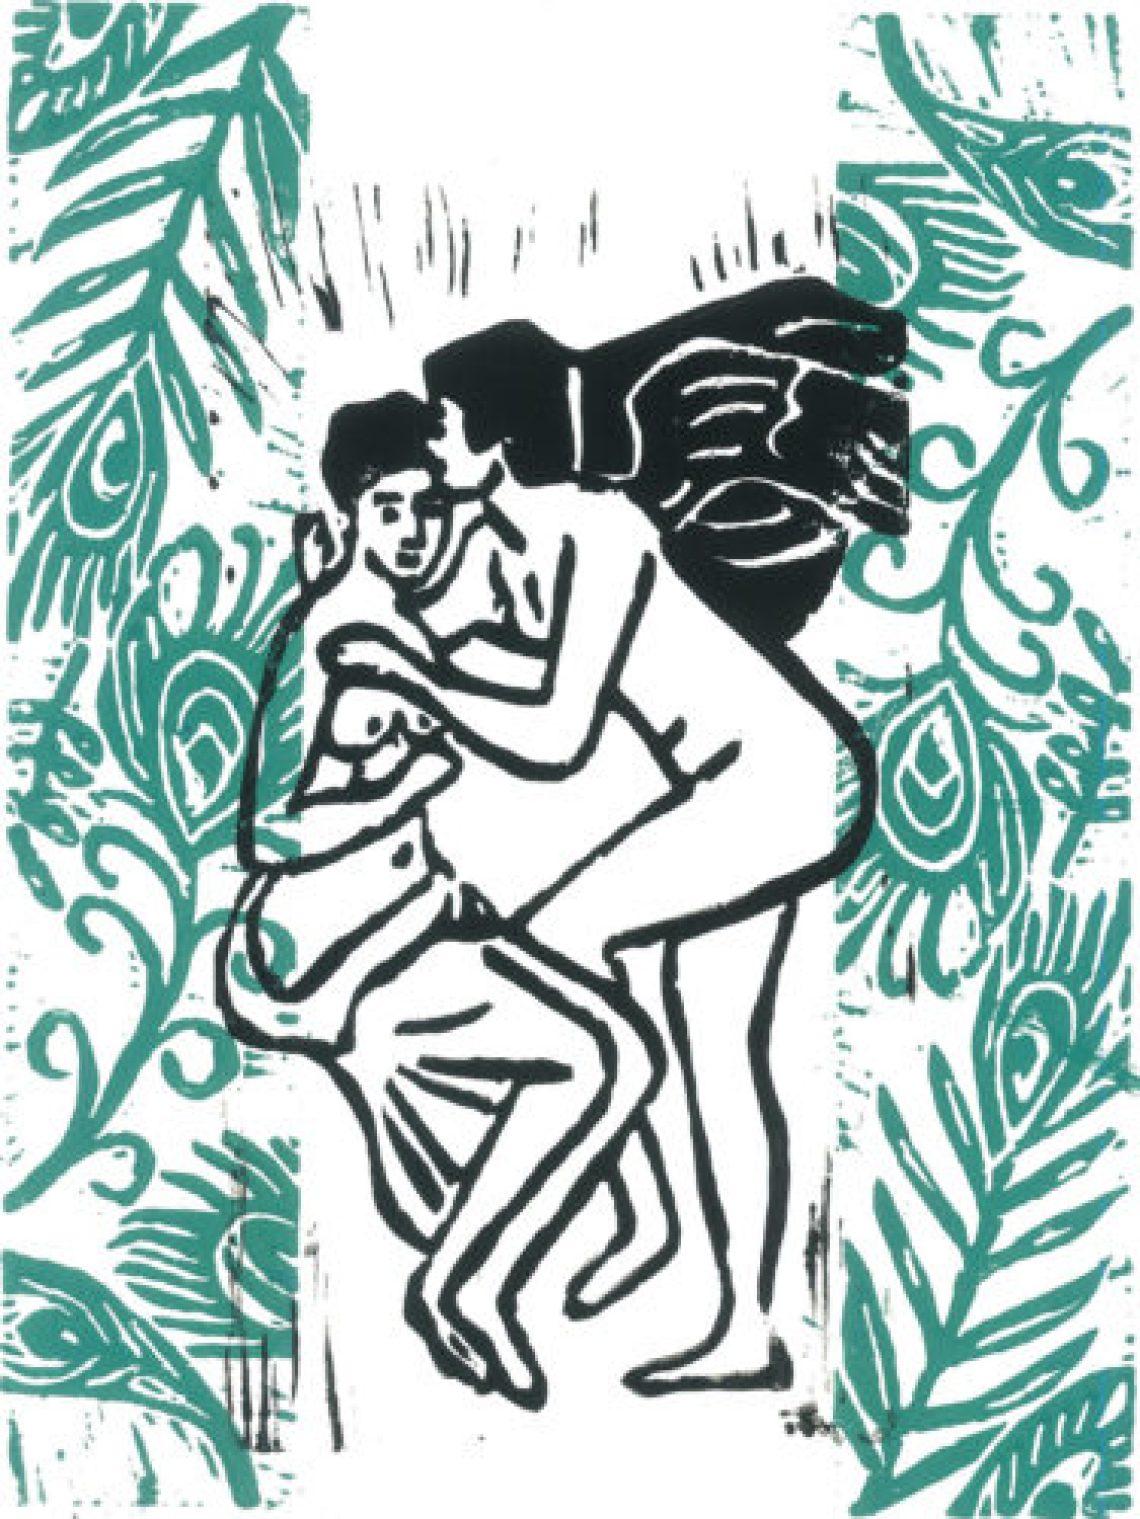 Amour et Psyché # green & black